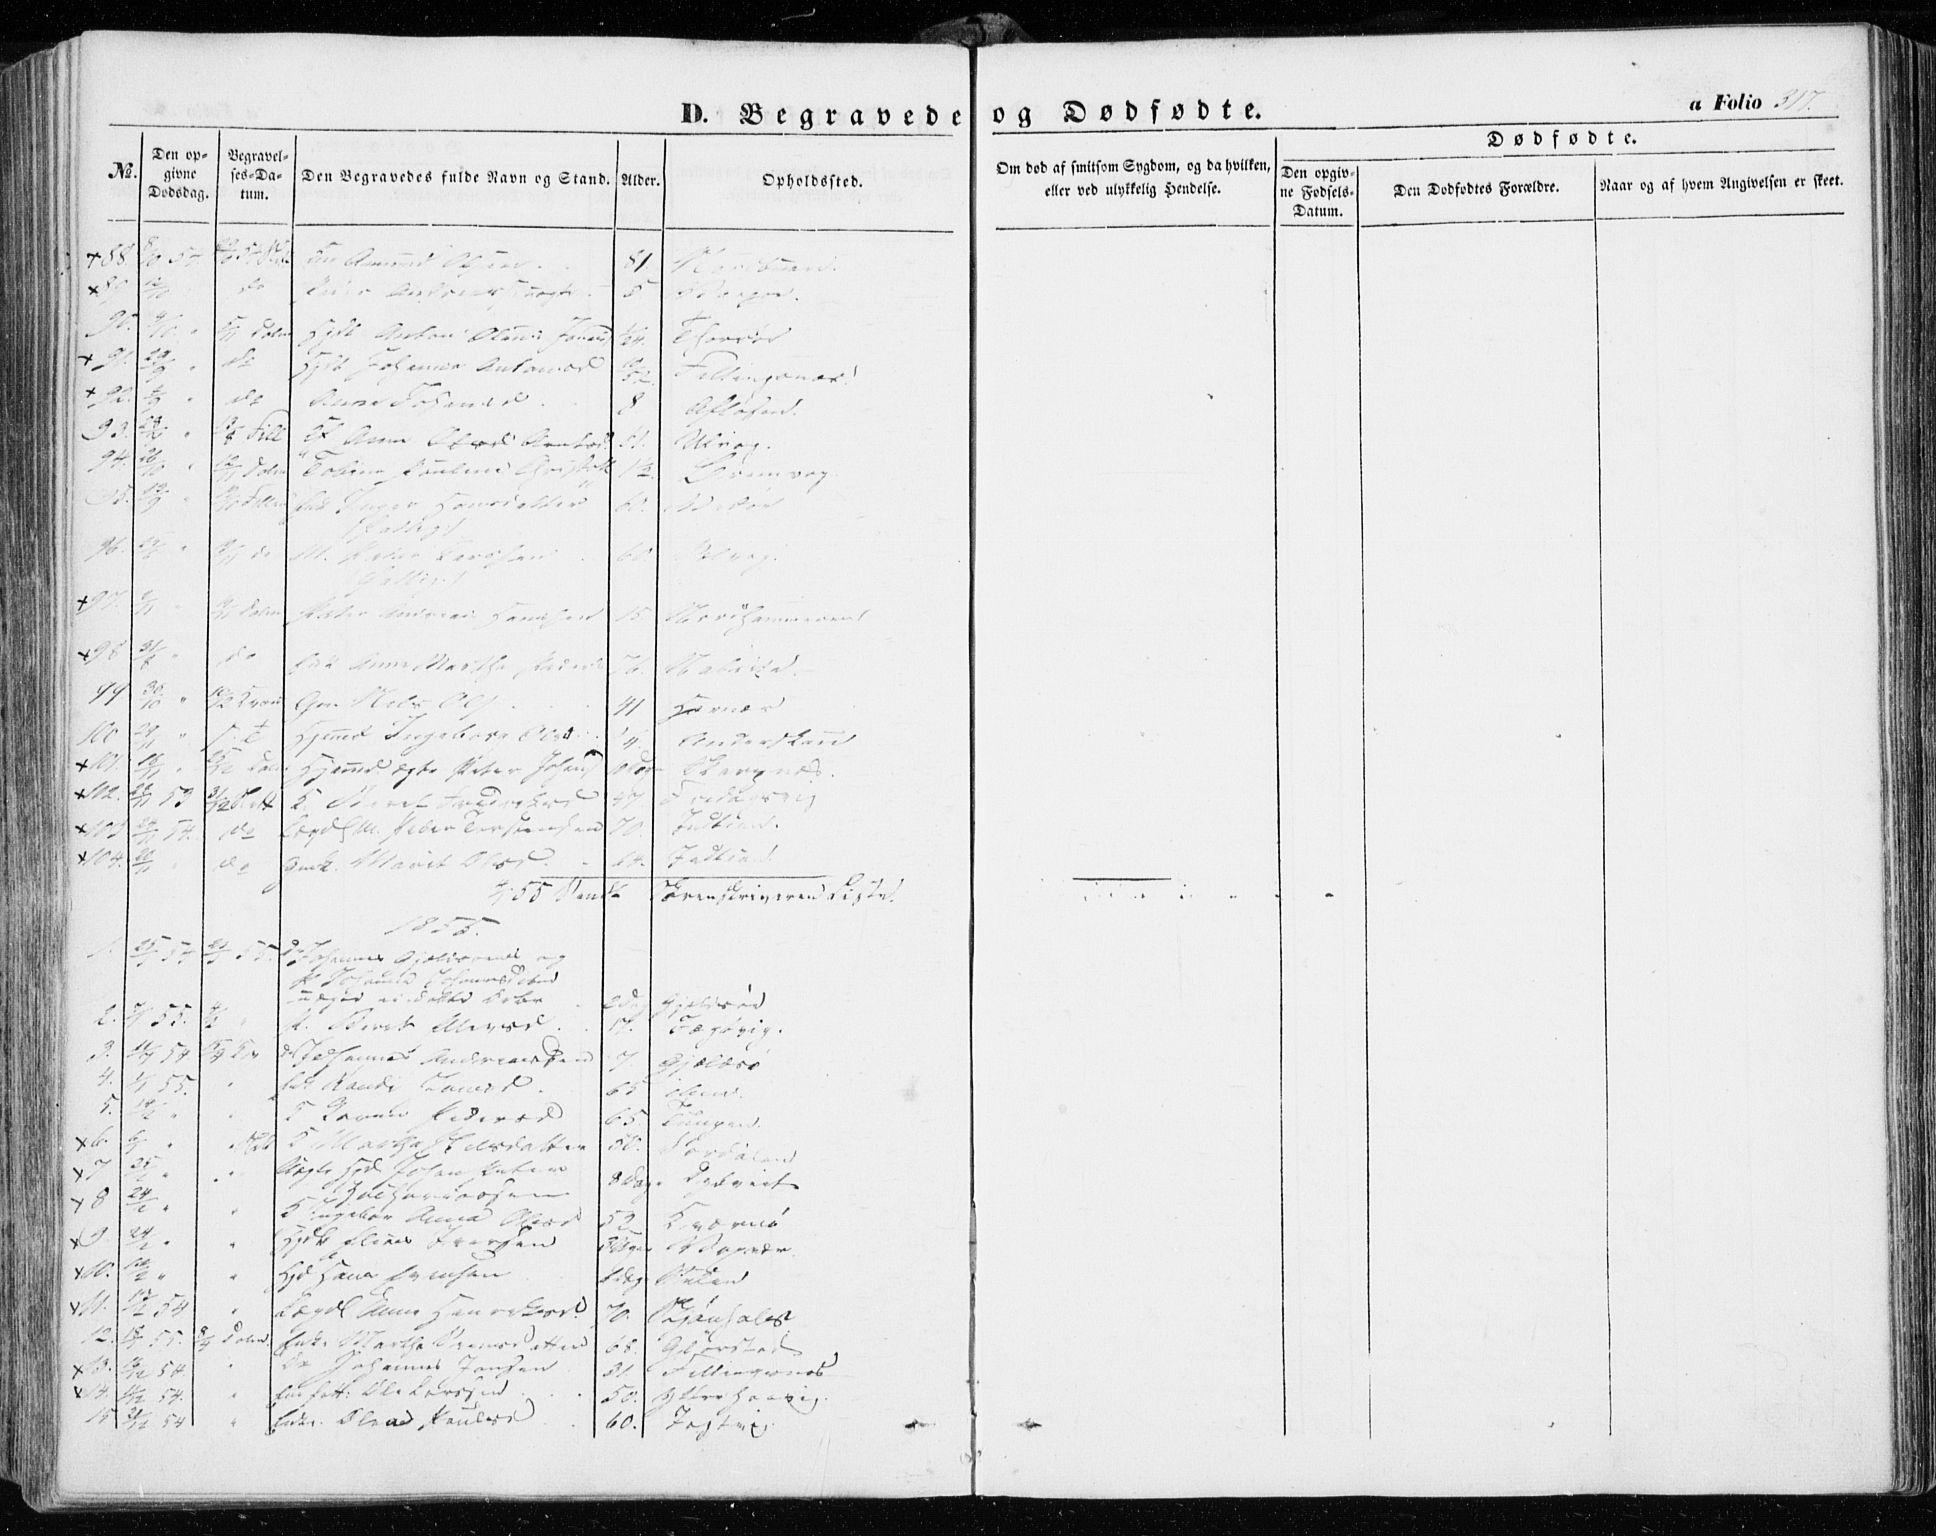 SAT, Ministerialprotokoller, klokkerbøker og fødselsregistre - Sør-Trøndelag, 634/L0530: Ministerialbok nr. 634A06, 1852-1860, s. 317